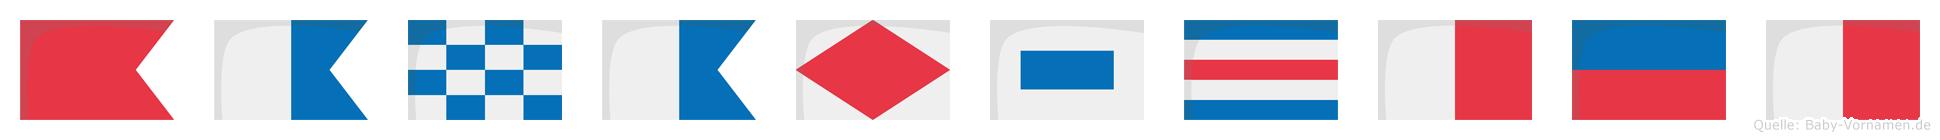 Banafscheh im Flaggenalphabet